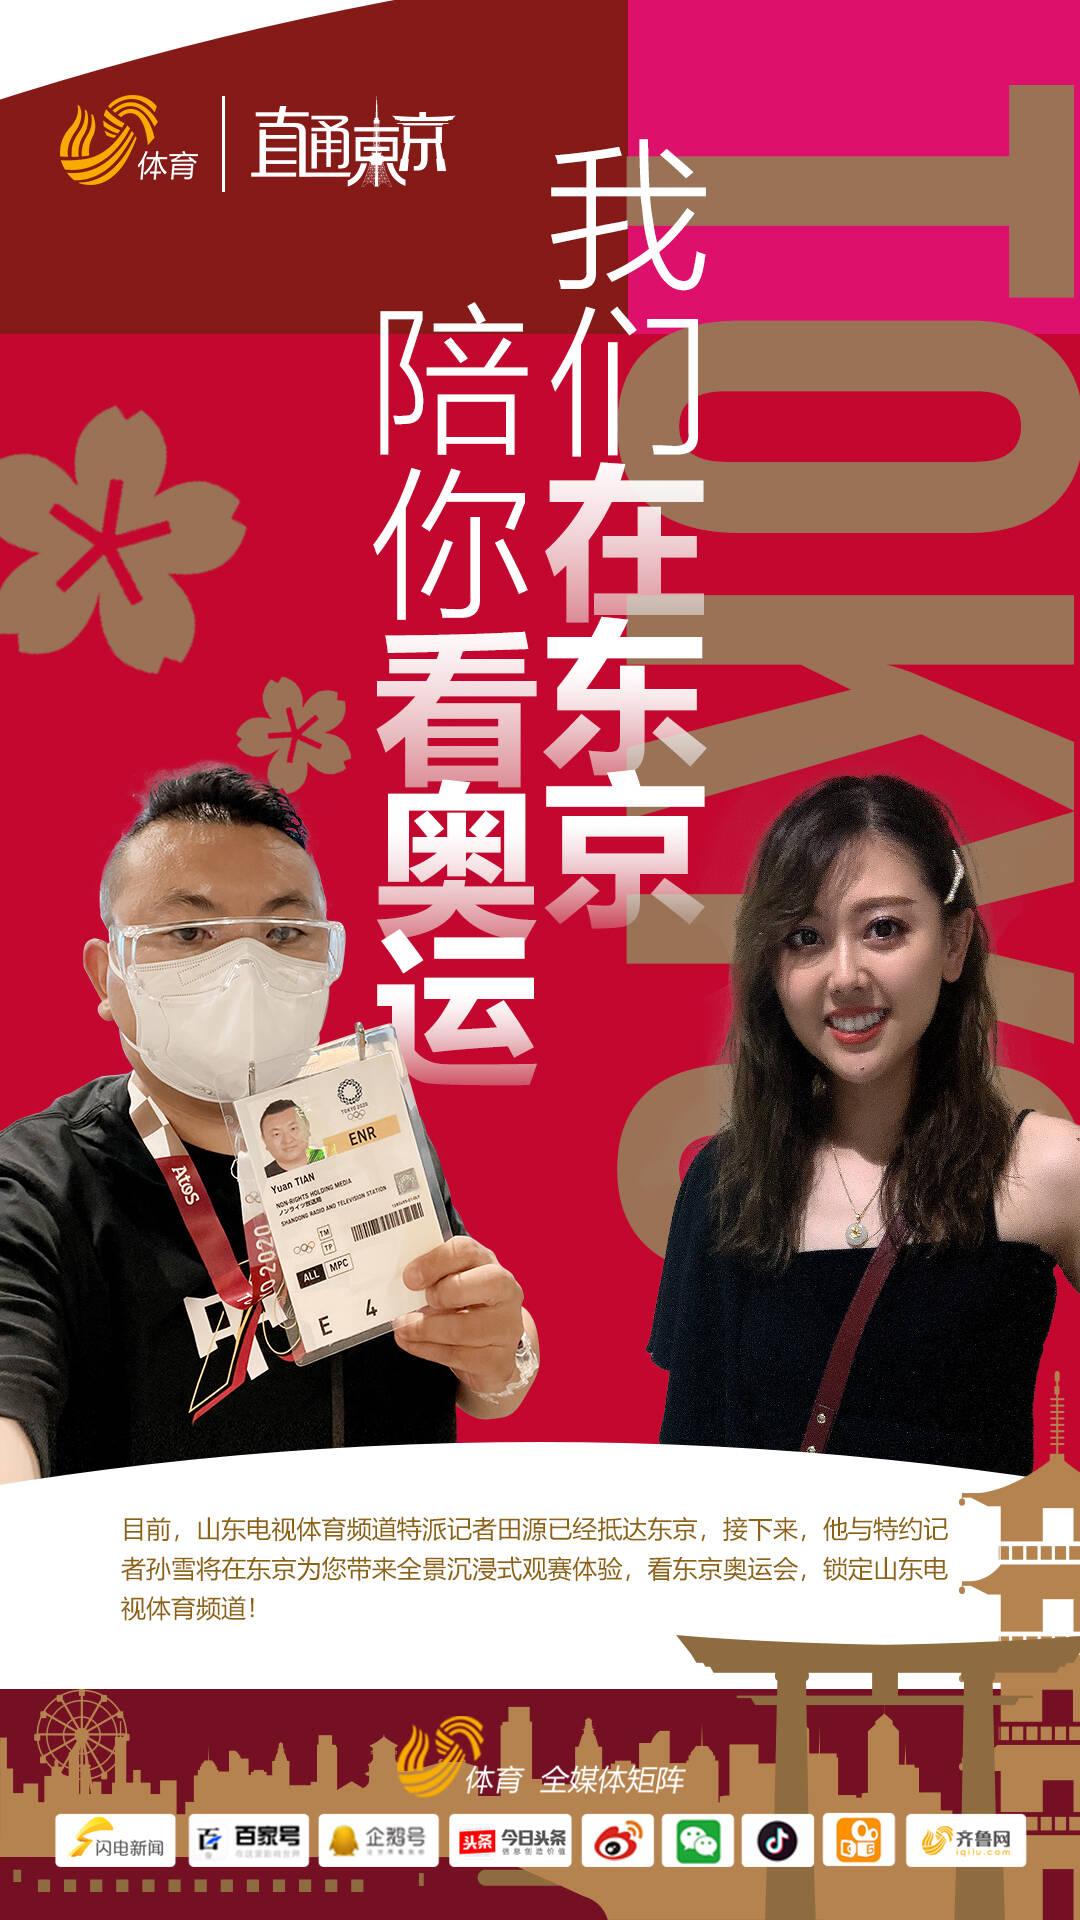 我们在东京陪你看奥运!山东电视体育频道前方报道团队已就位